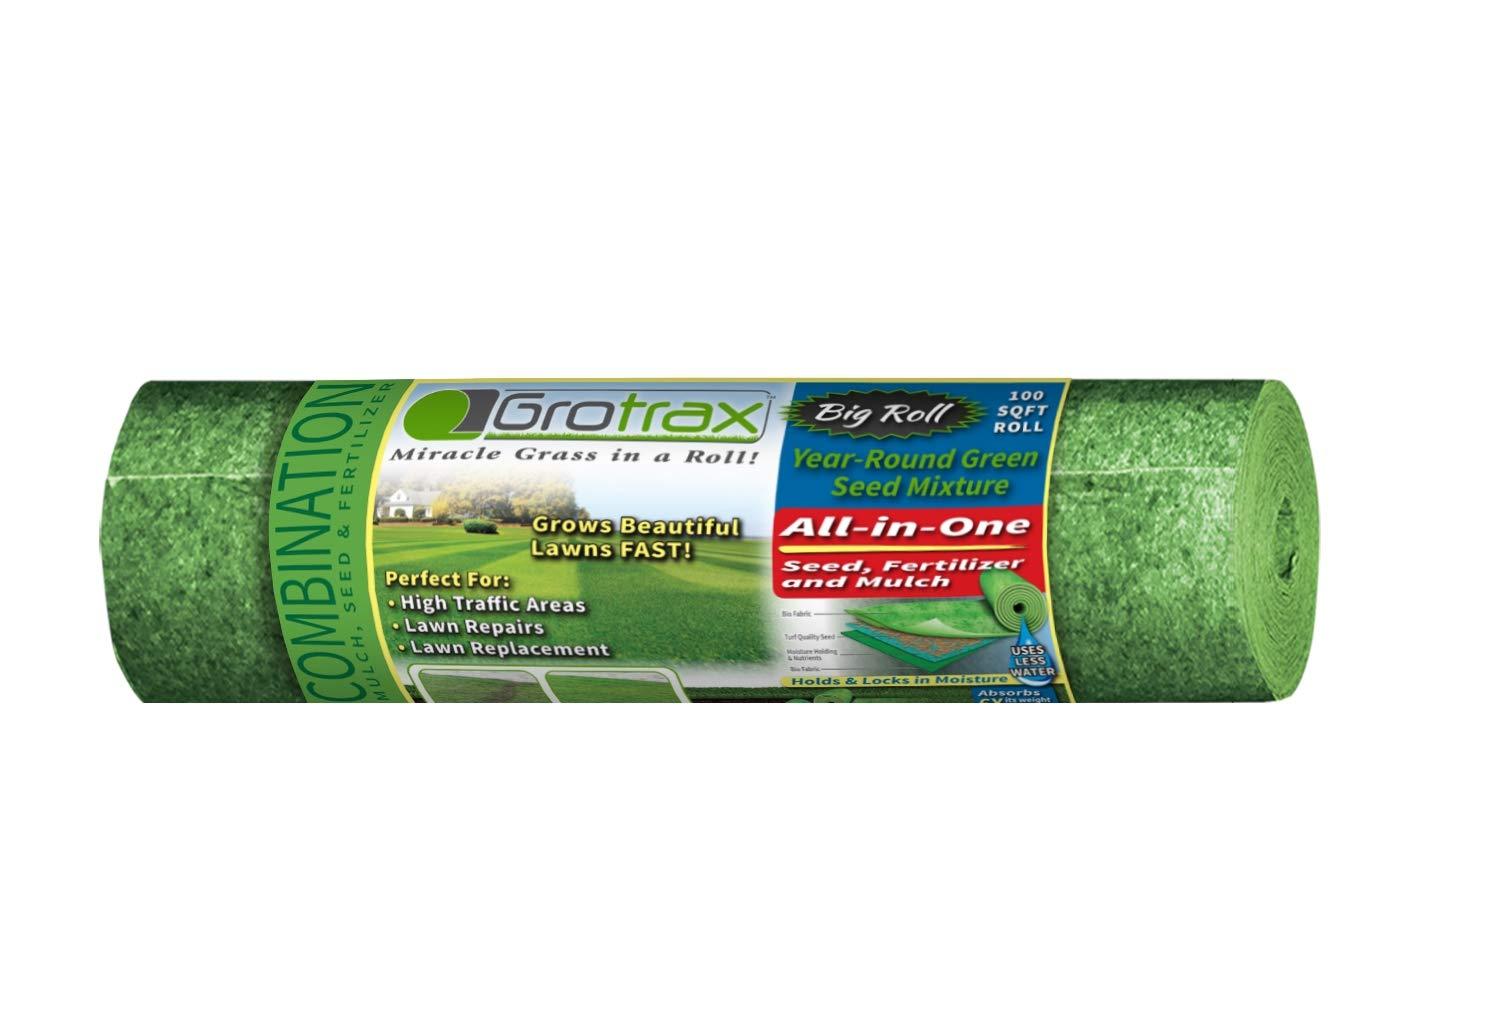 Grotrax''Big Roll'' (100 Square Foot Roll) Grass Seed roll